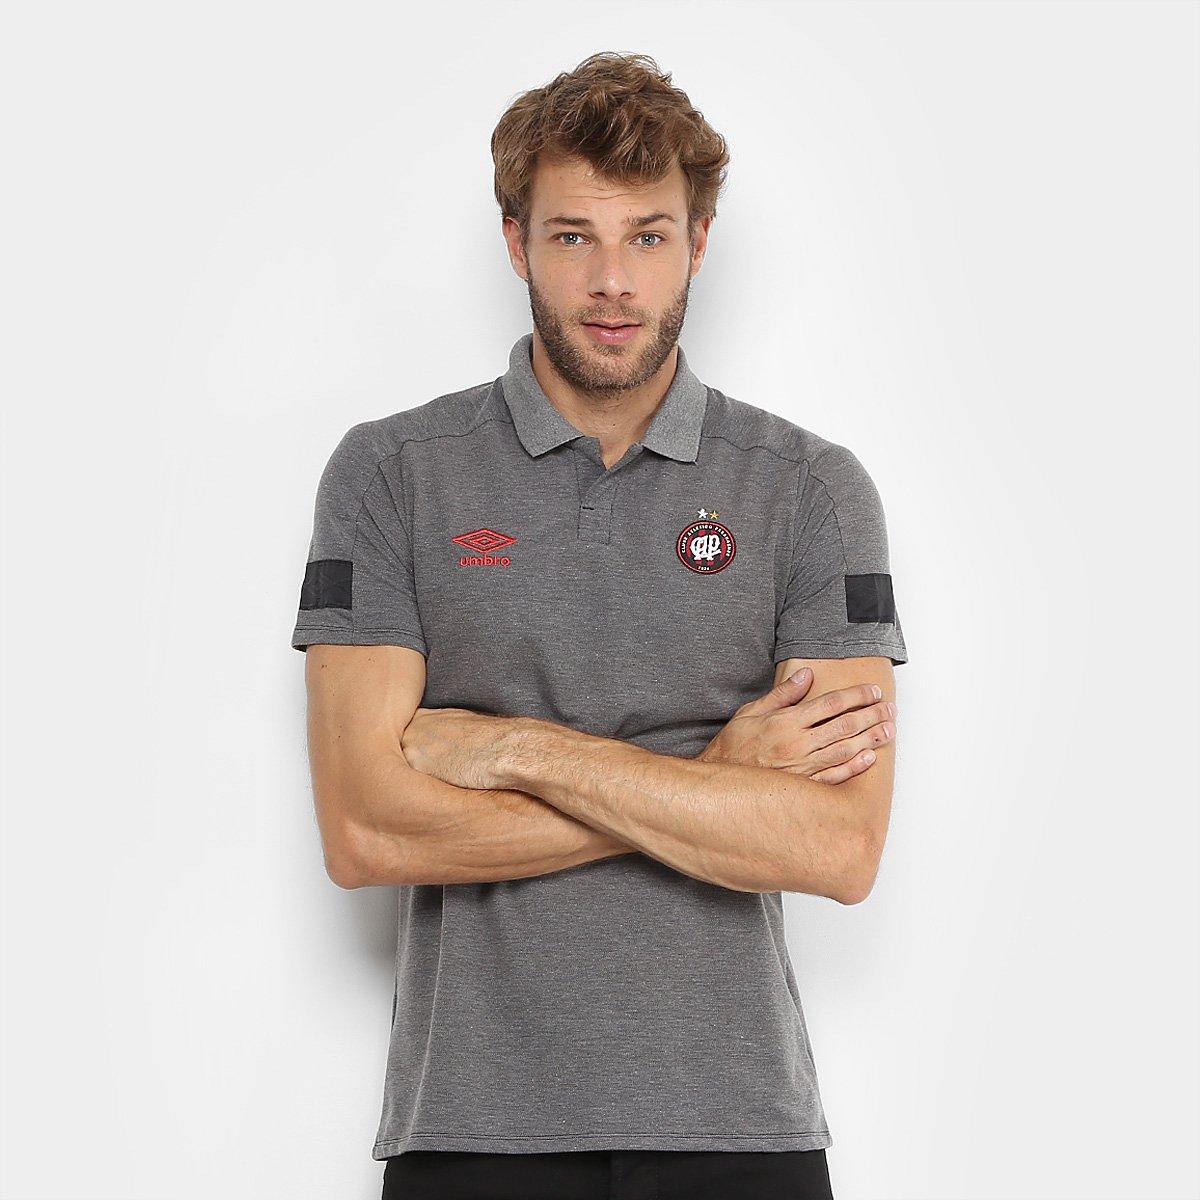 499ebdbc1e382 Camisa Polo Athletico Paranaense Viagem 2018 Umbro Masculina